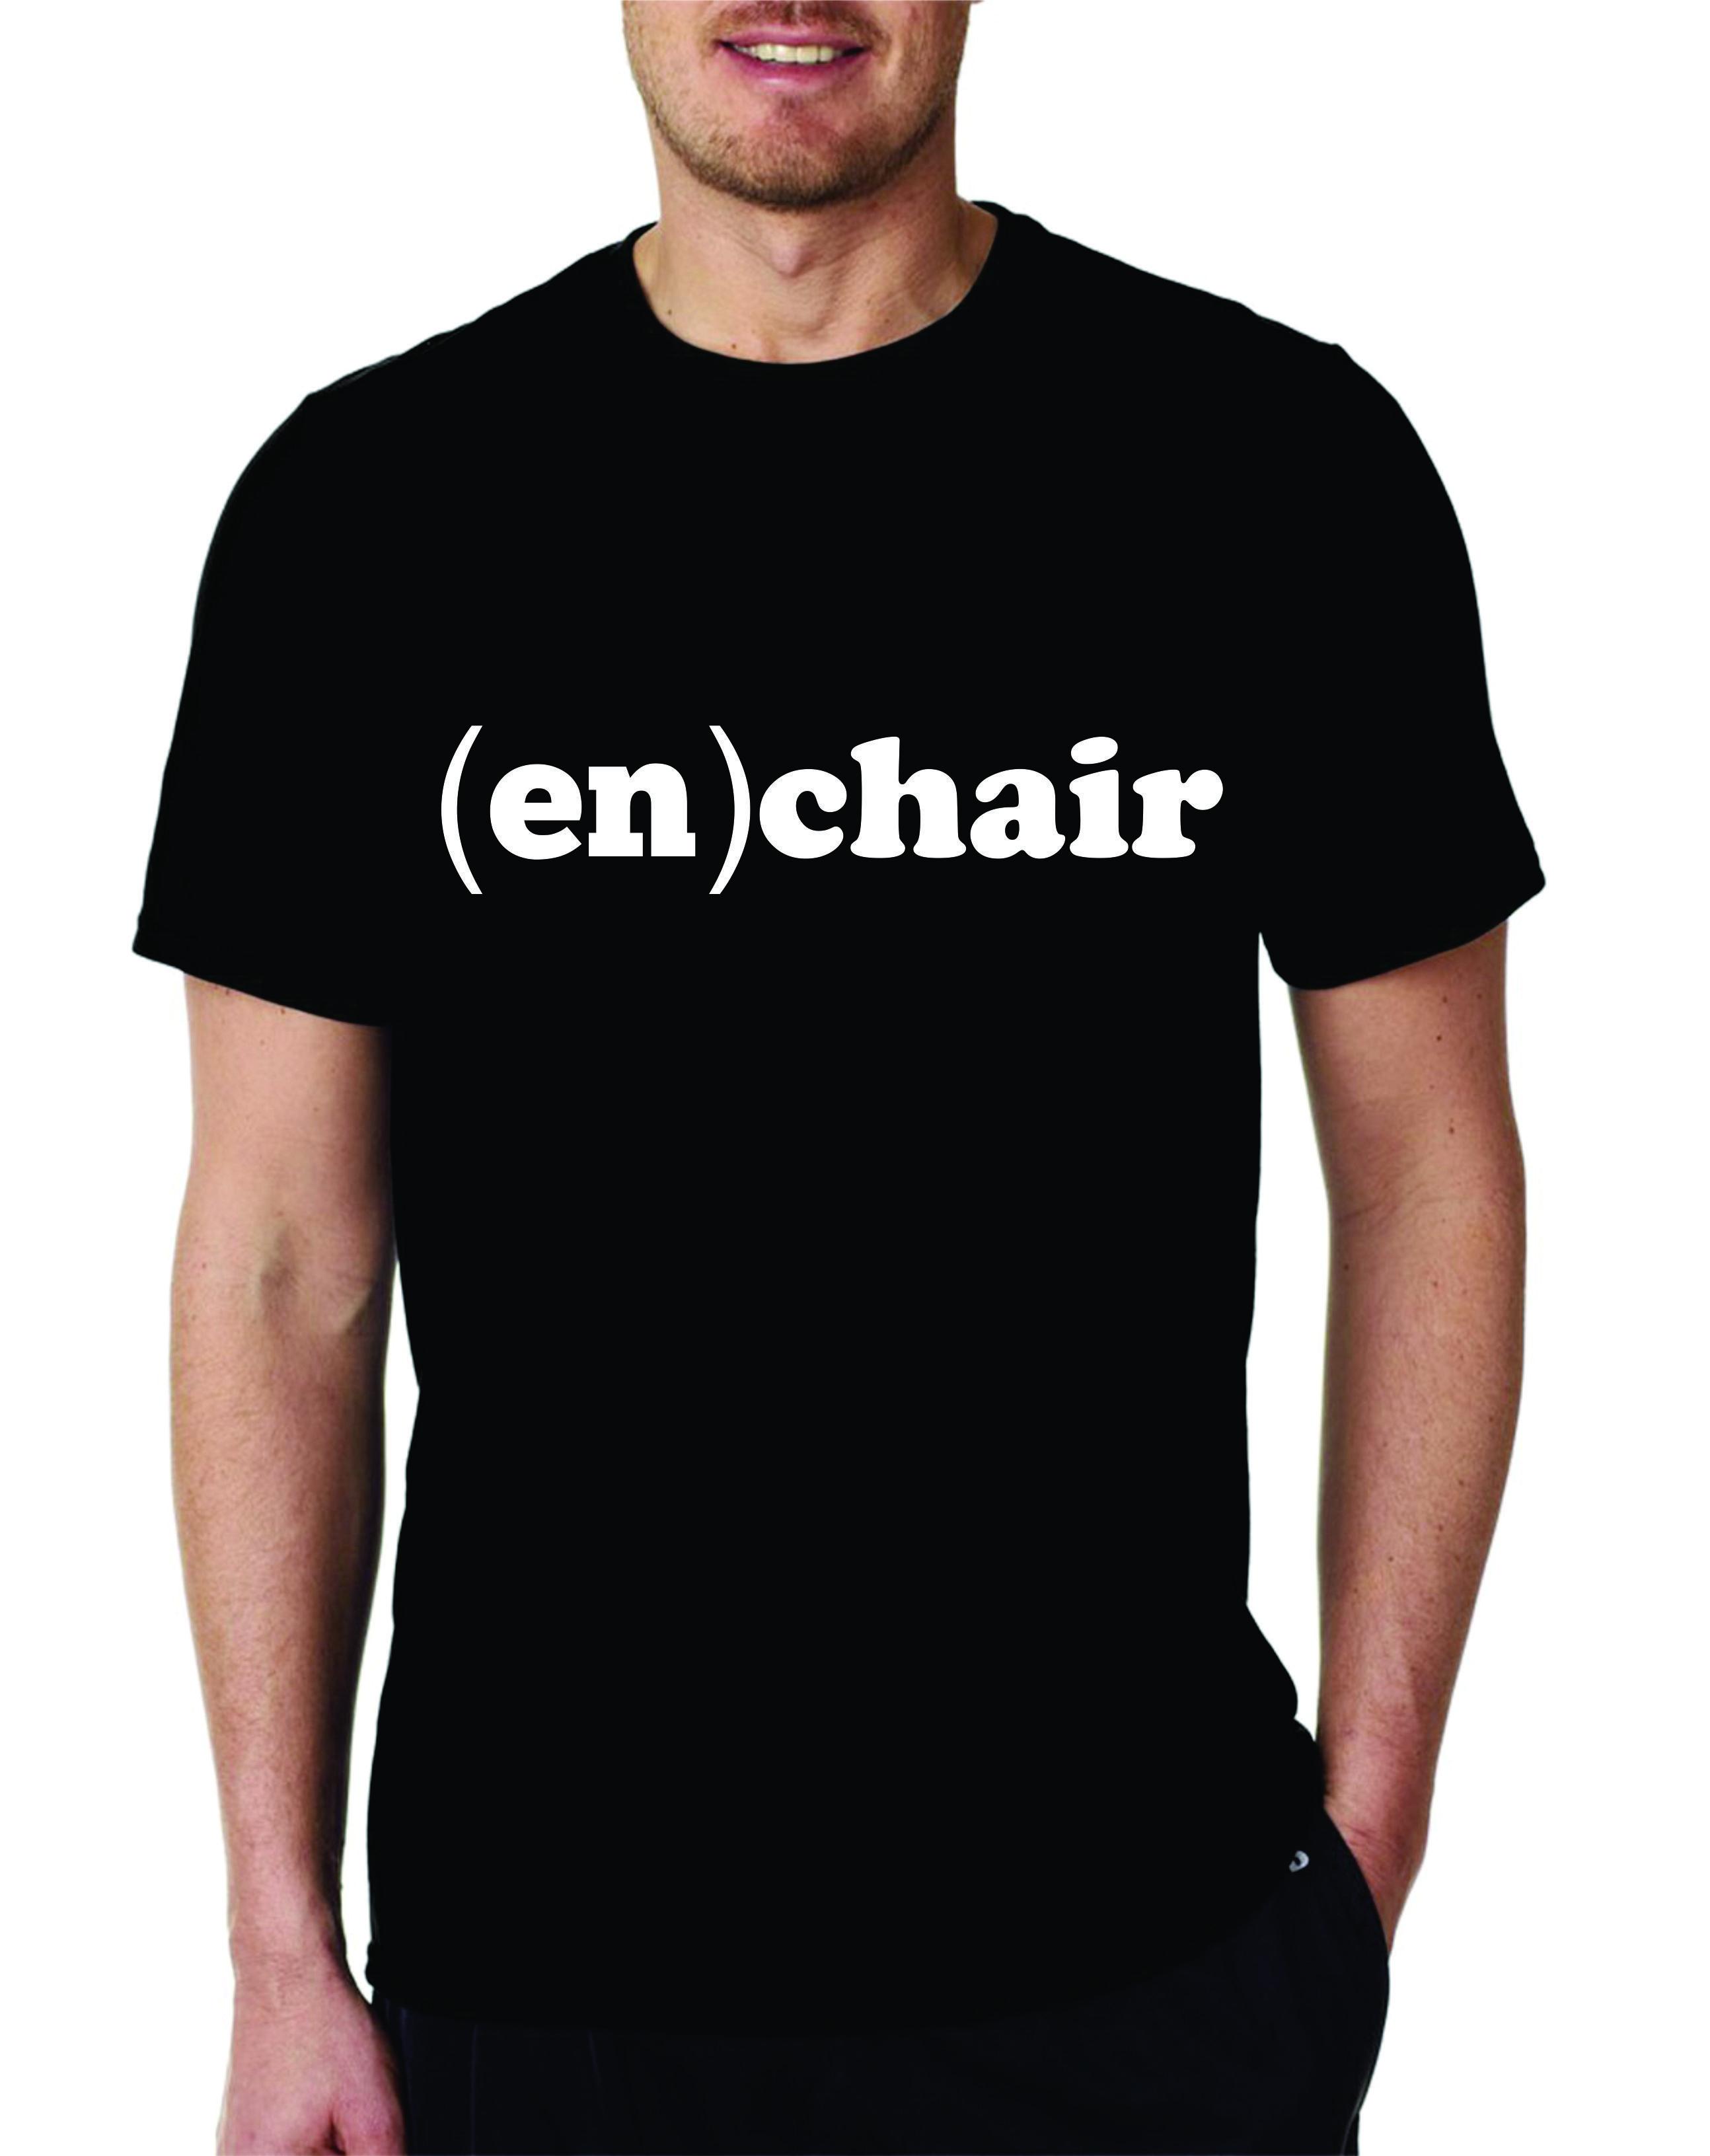 (en)chair